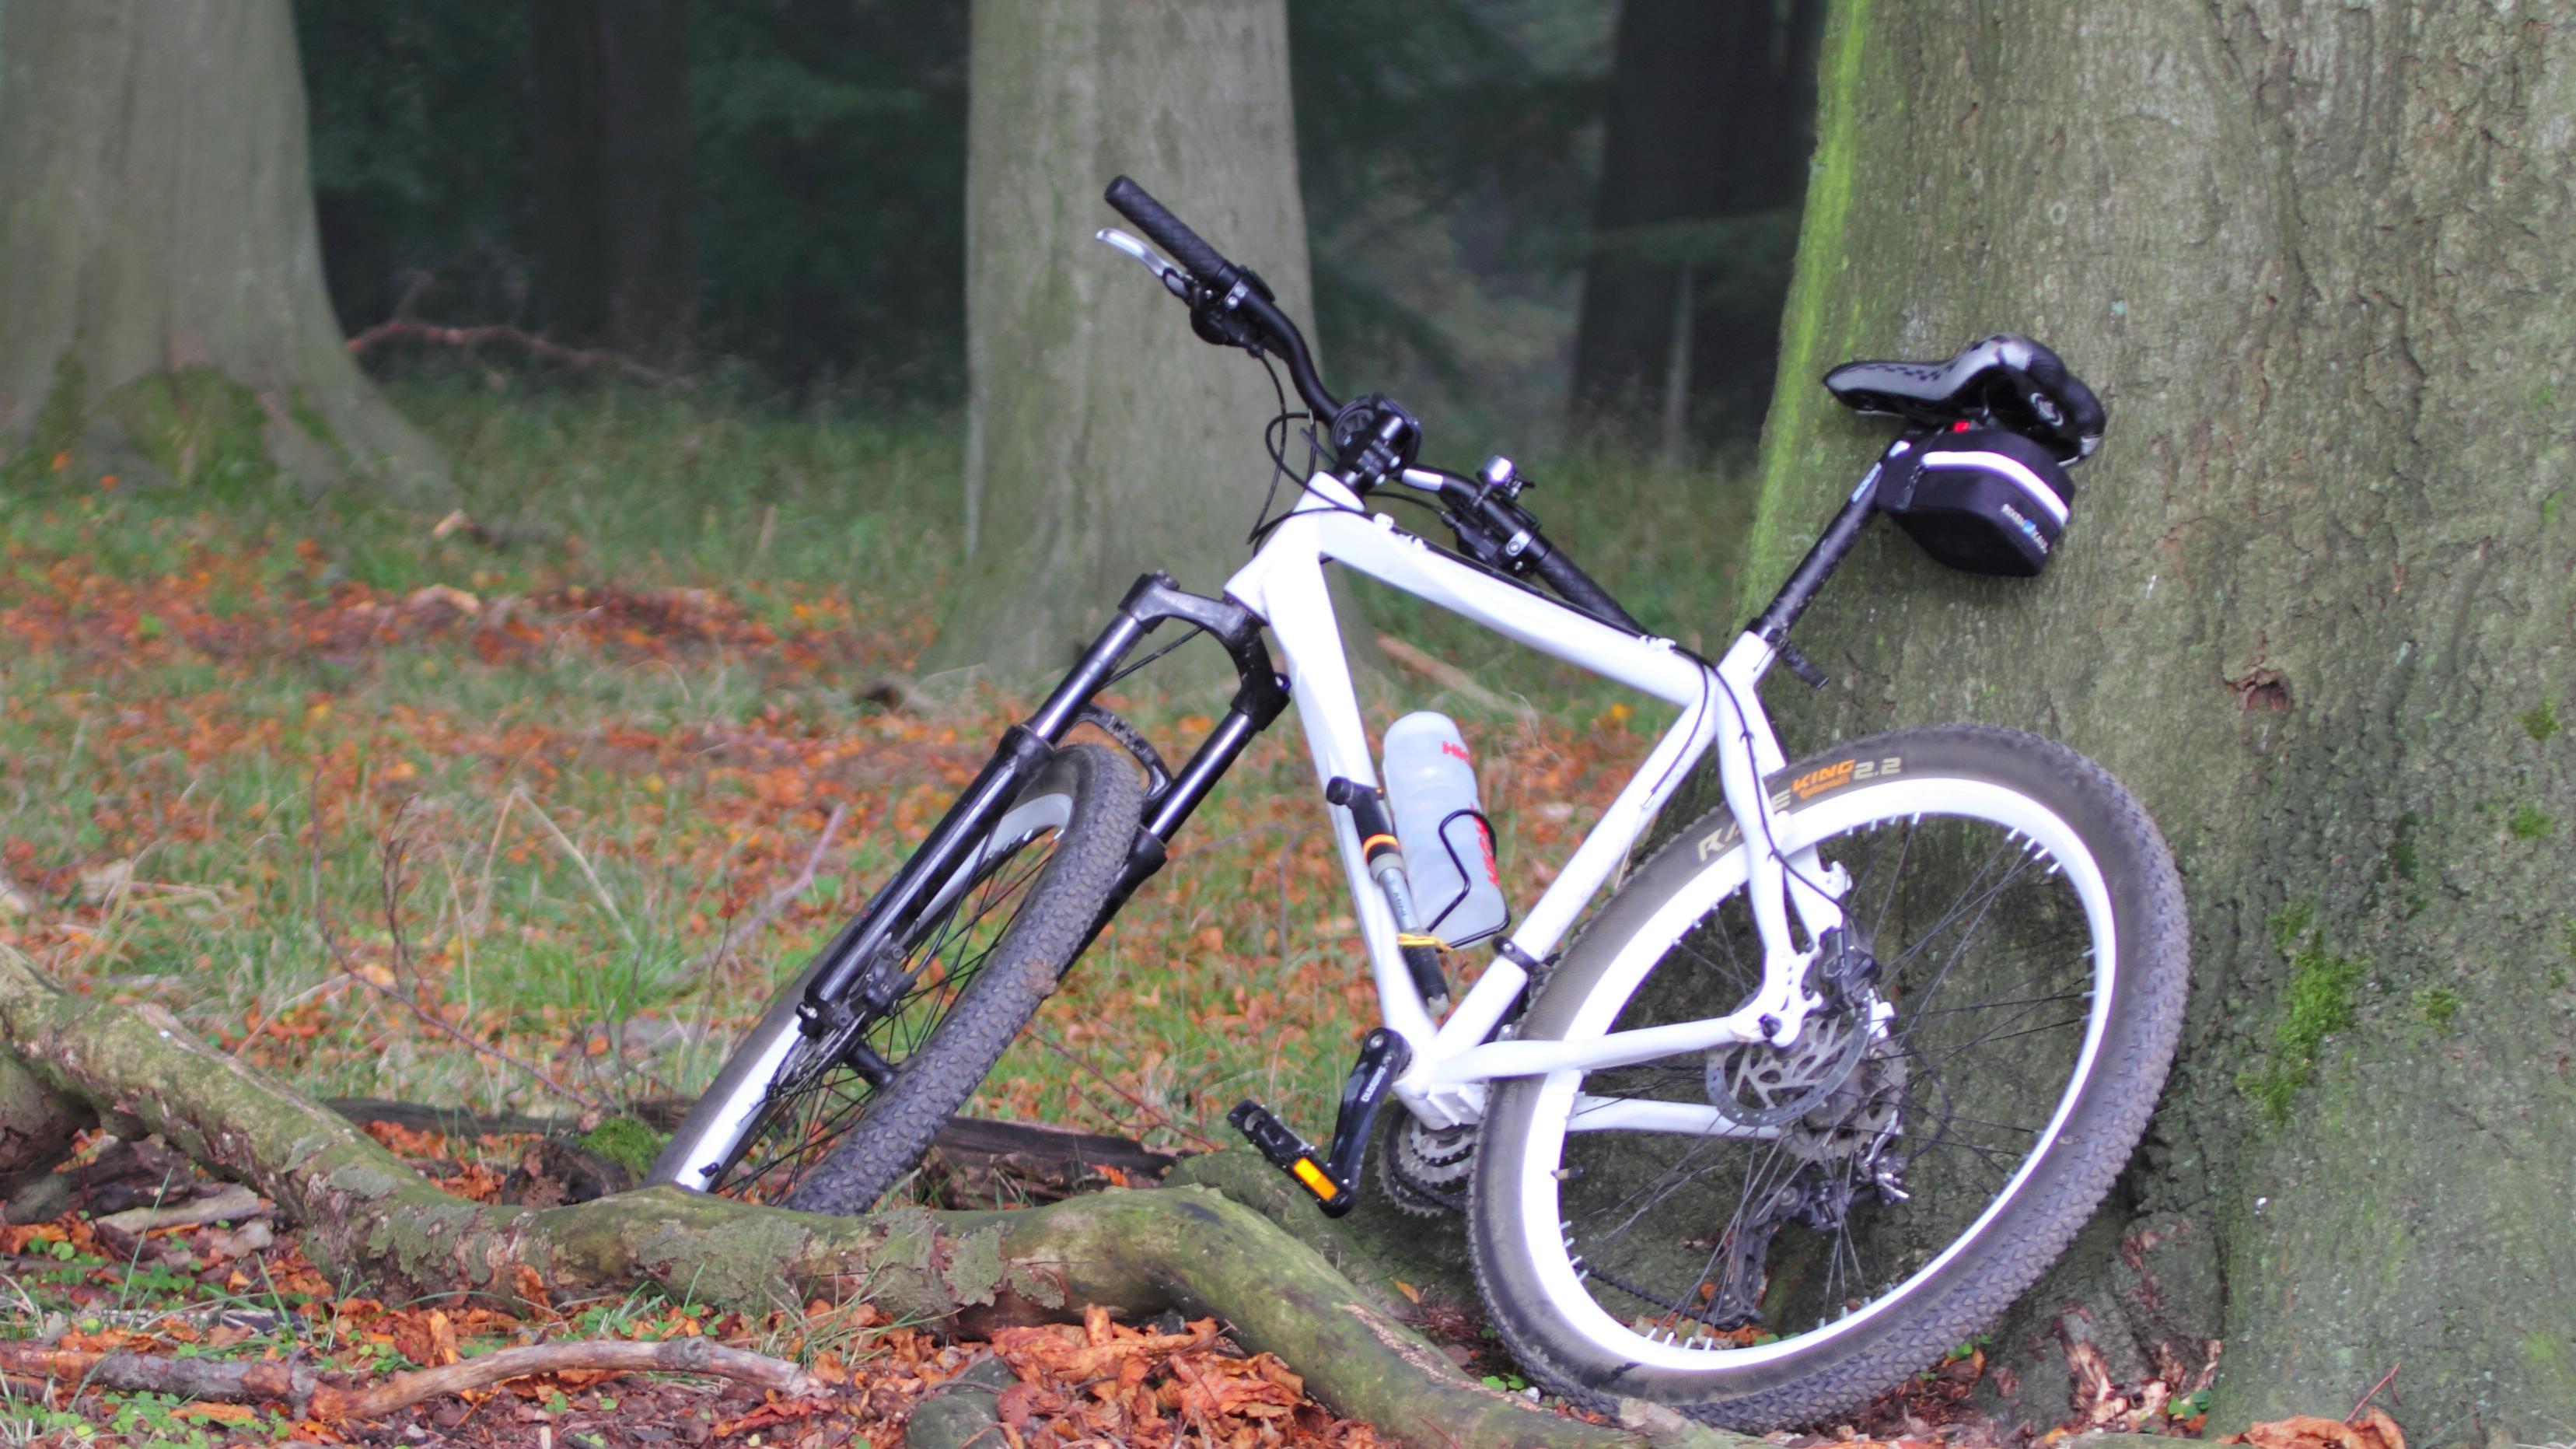 #3C428F Mest effektive Brevkasse: Hvilken Forskel Gør 100 Gram På En Cykel? Lev Nu DR Gør Det Selv El Cykel 5135 331318635135